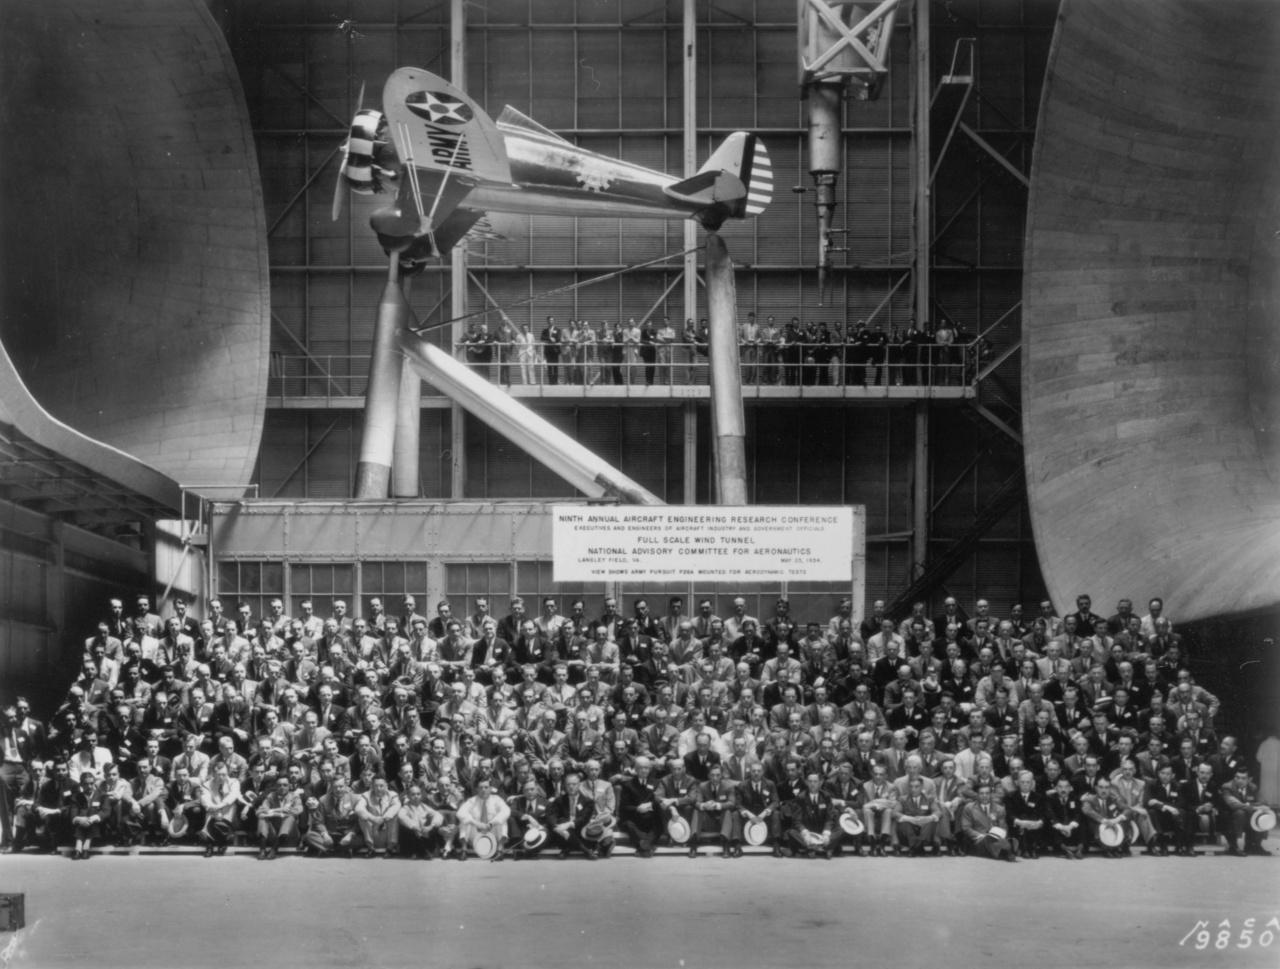 1934: repülőgépmérnökök konferenciája a teljes méretű légcsatornában (Full Scale Wind Tunnel, FSWT)